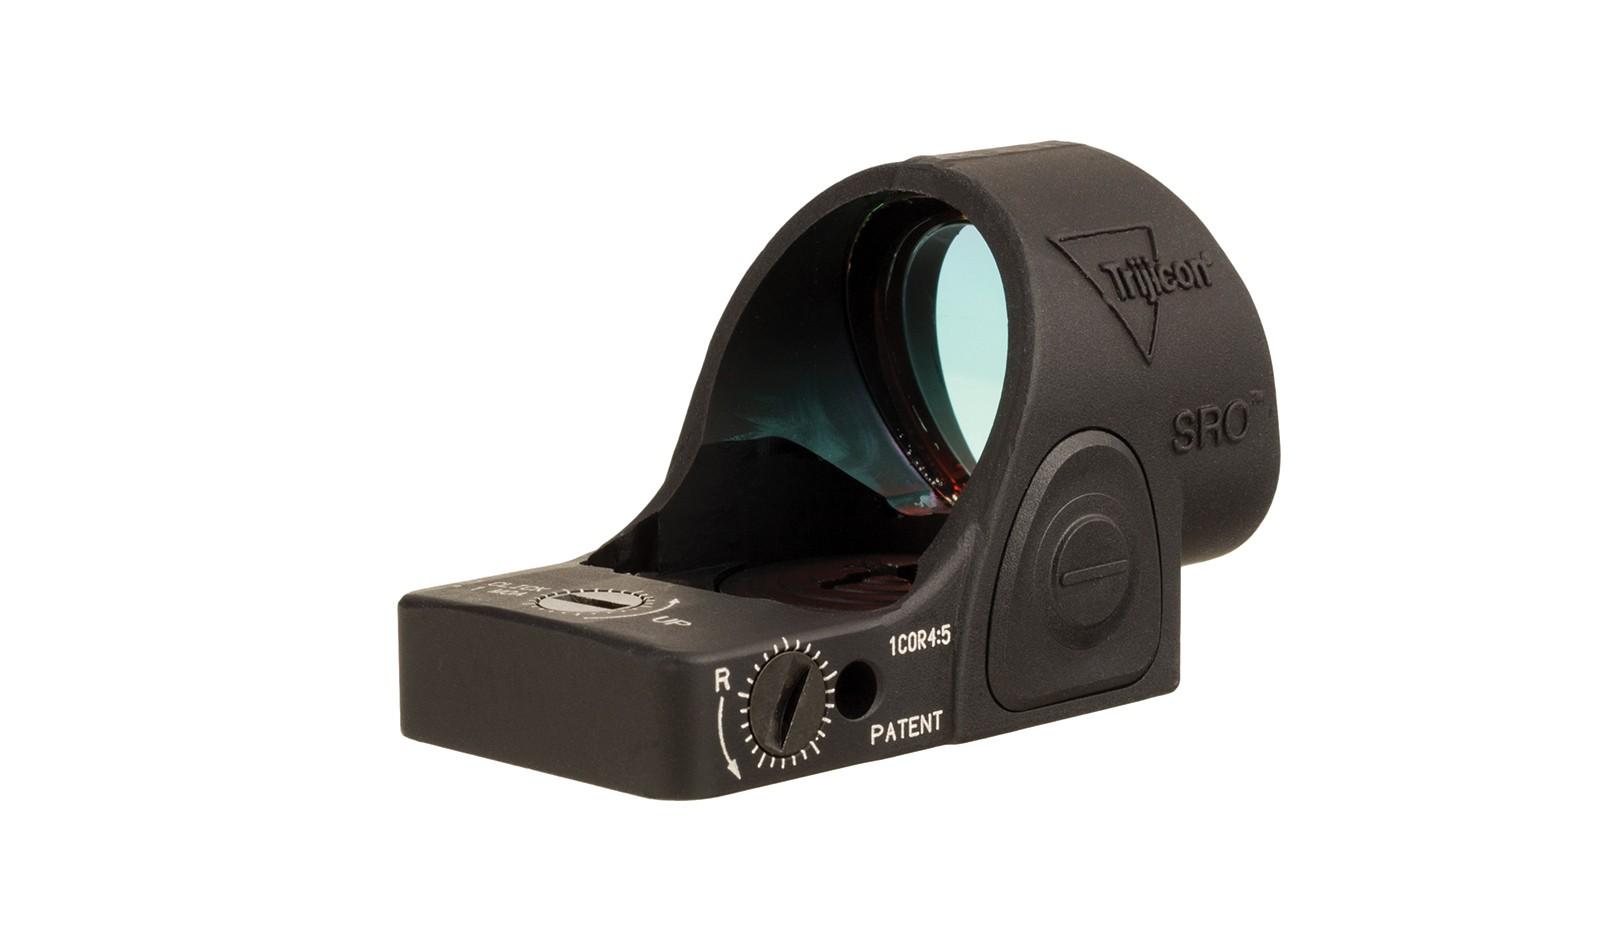 SRO2-C-2500002 angle 5